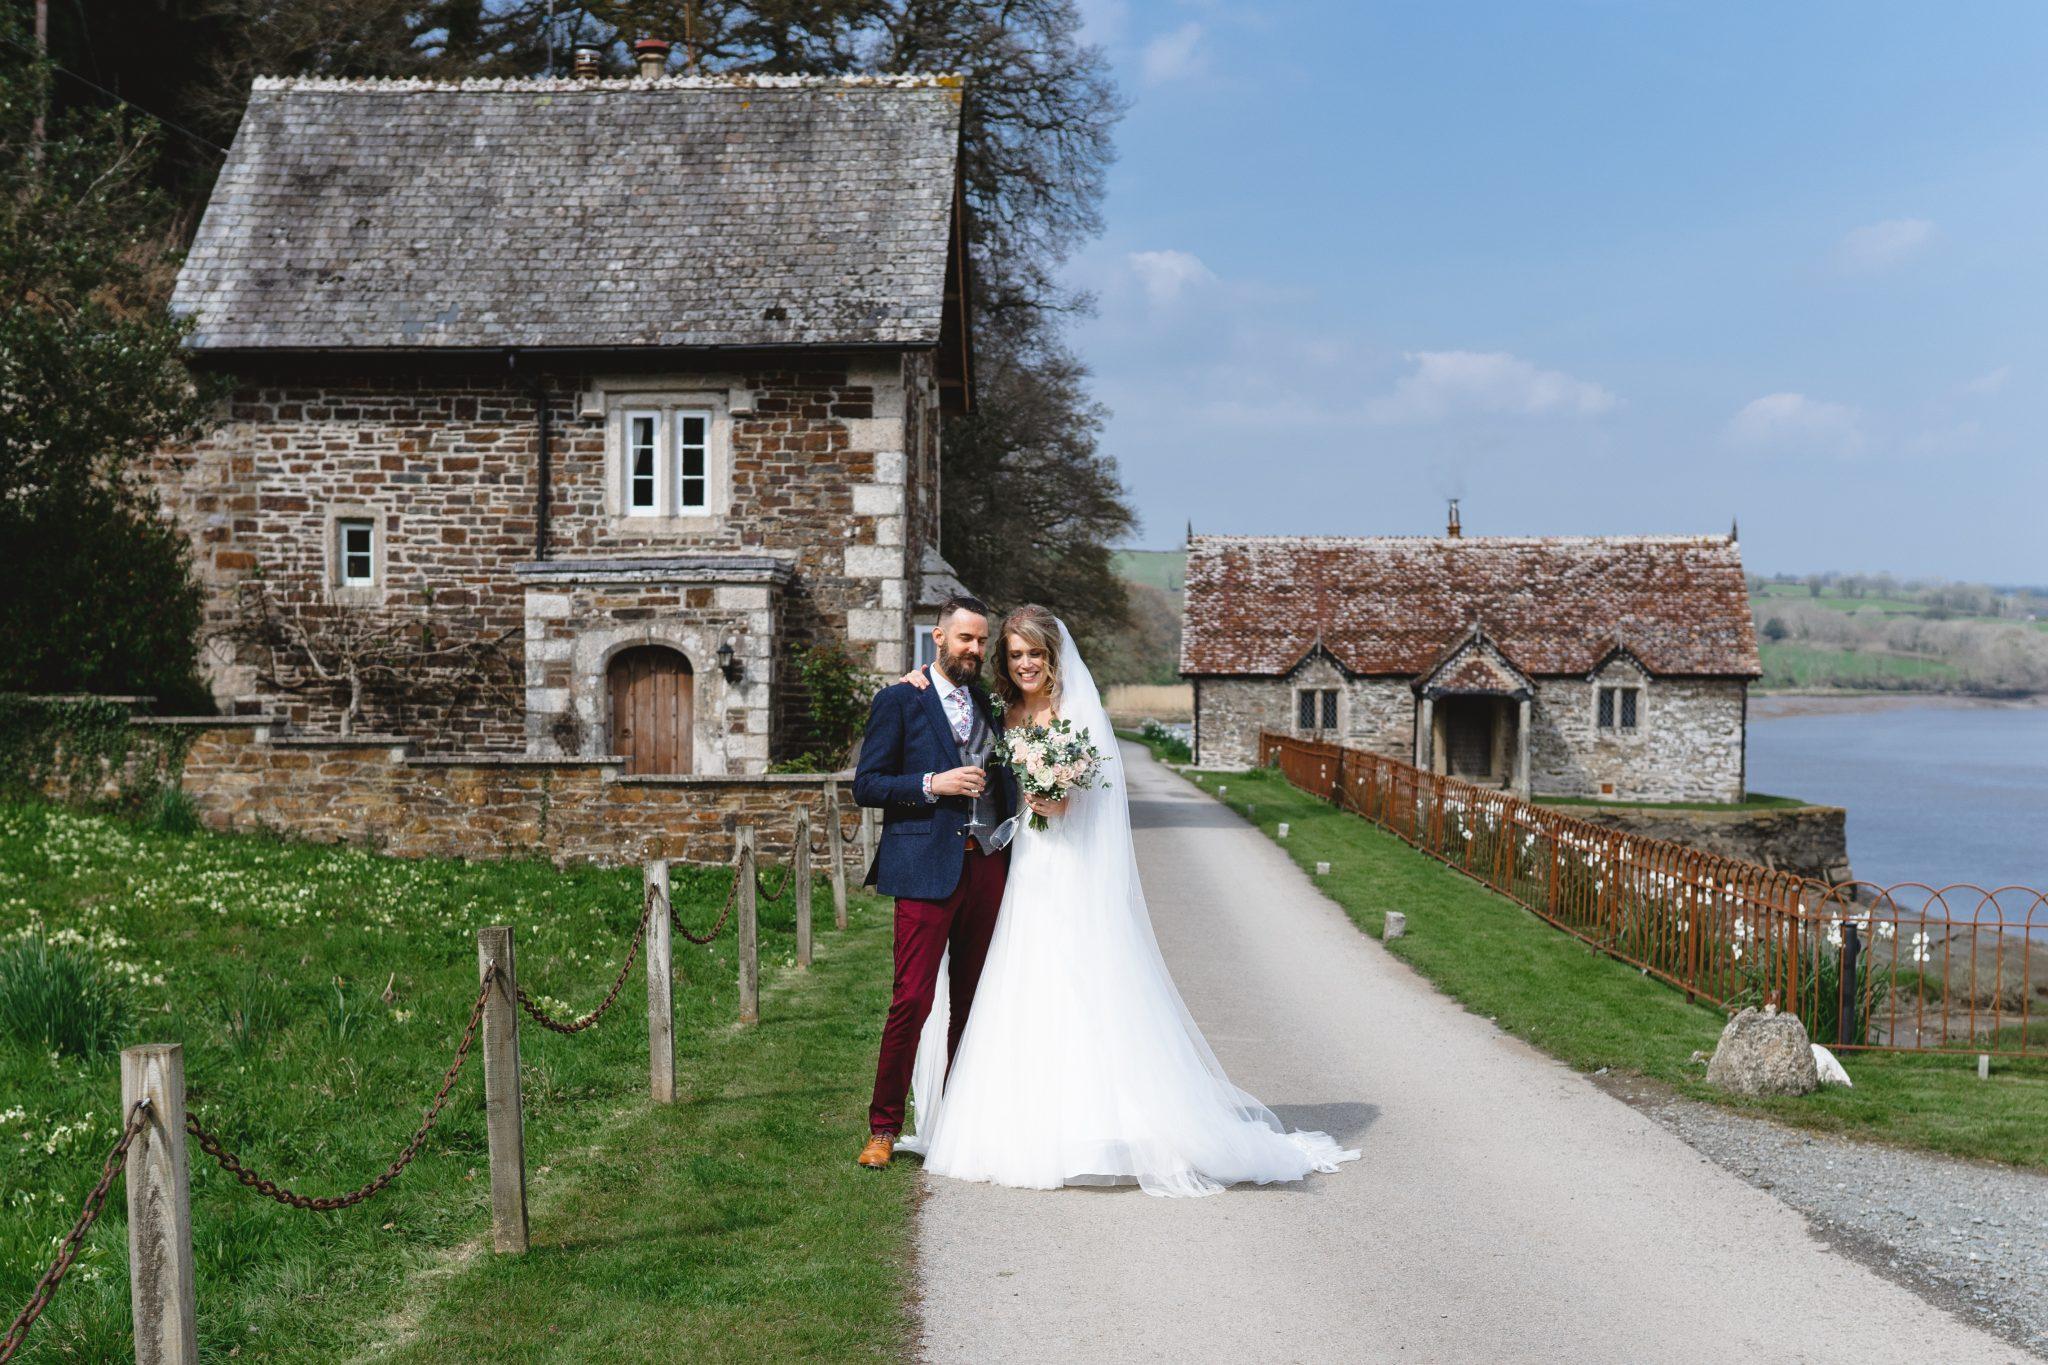 Pentillie Castle Wedding Venue Bride and Groom